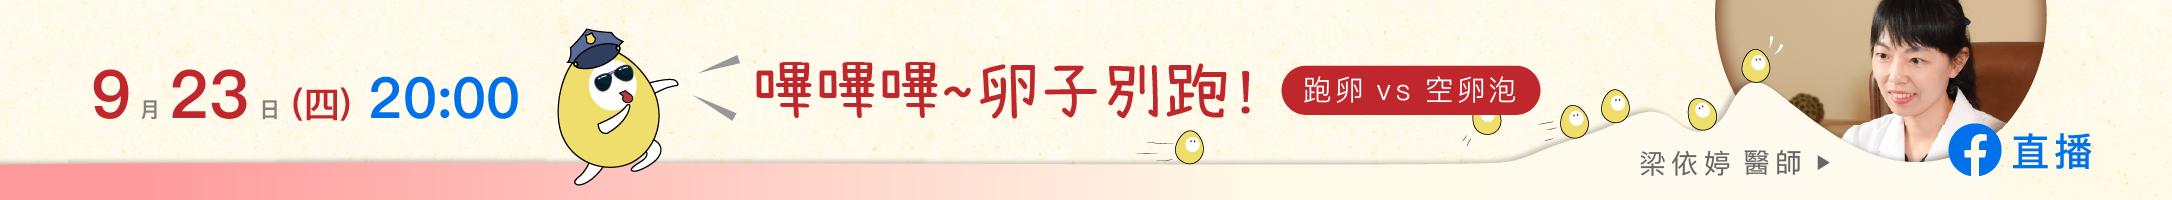 【Live直播】嗶嗶嗶~卵子別跑!跑卵 vs 空卵泡|梁依婷醫師